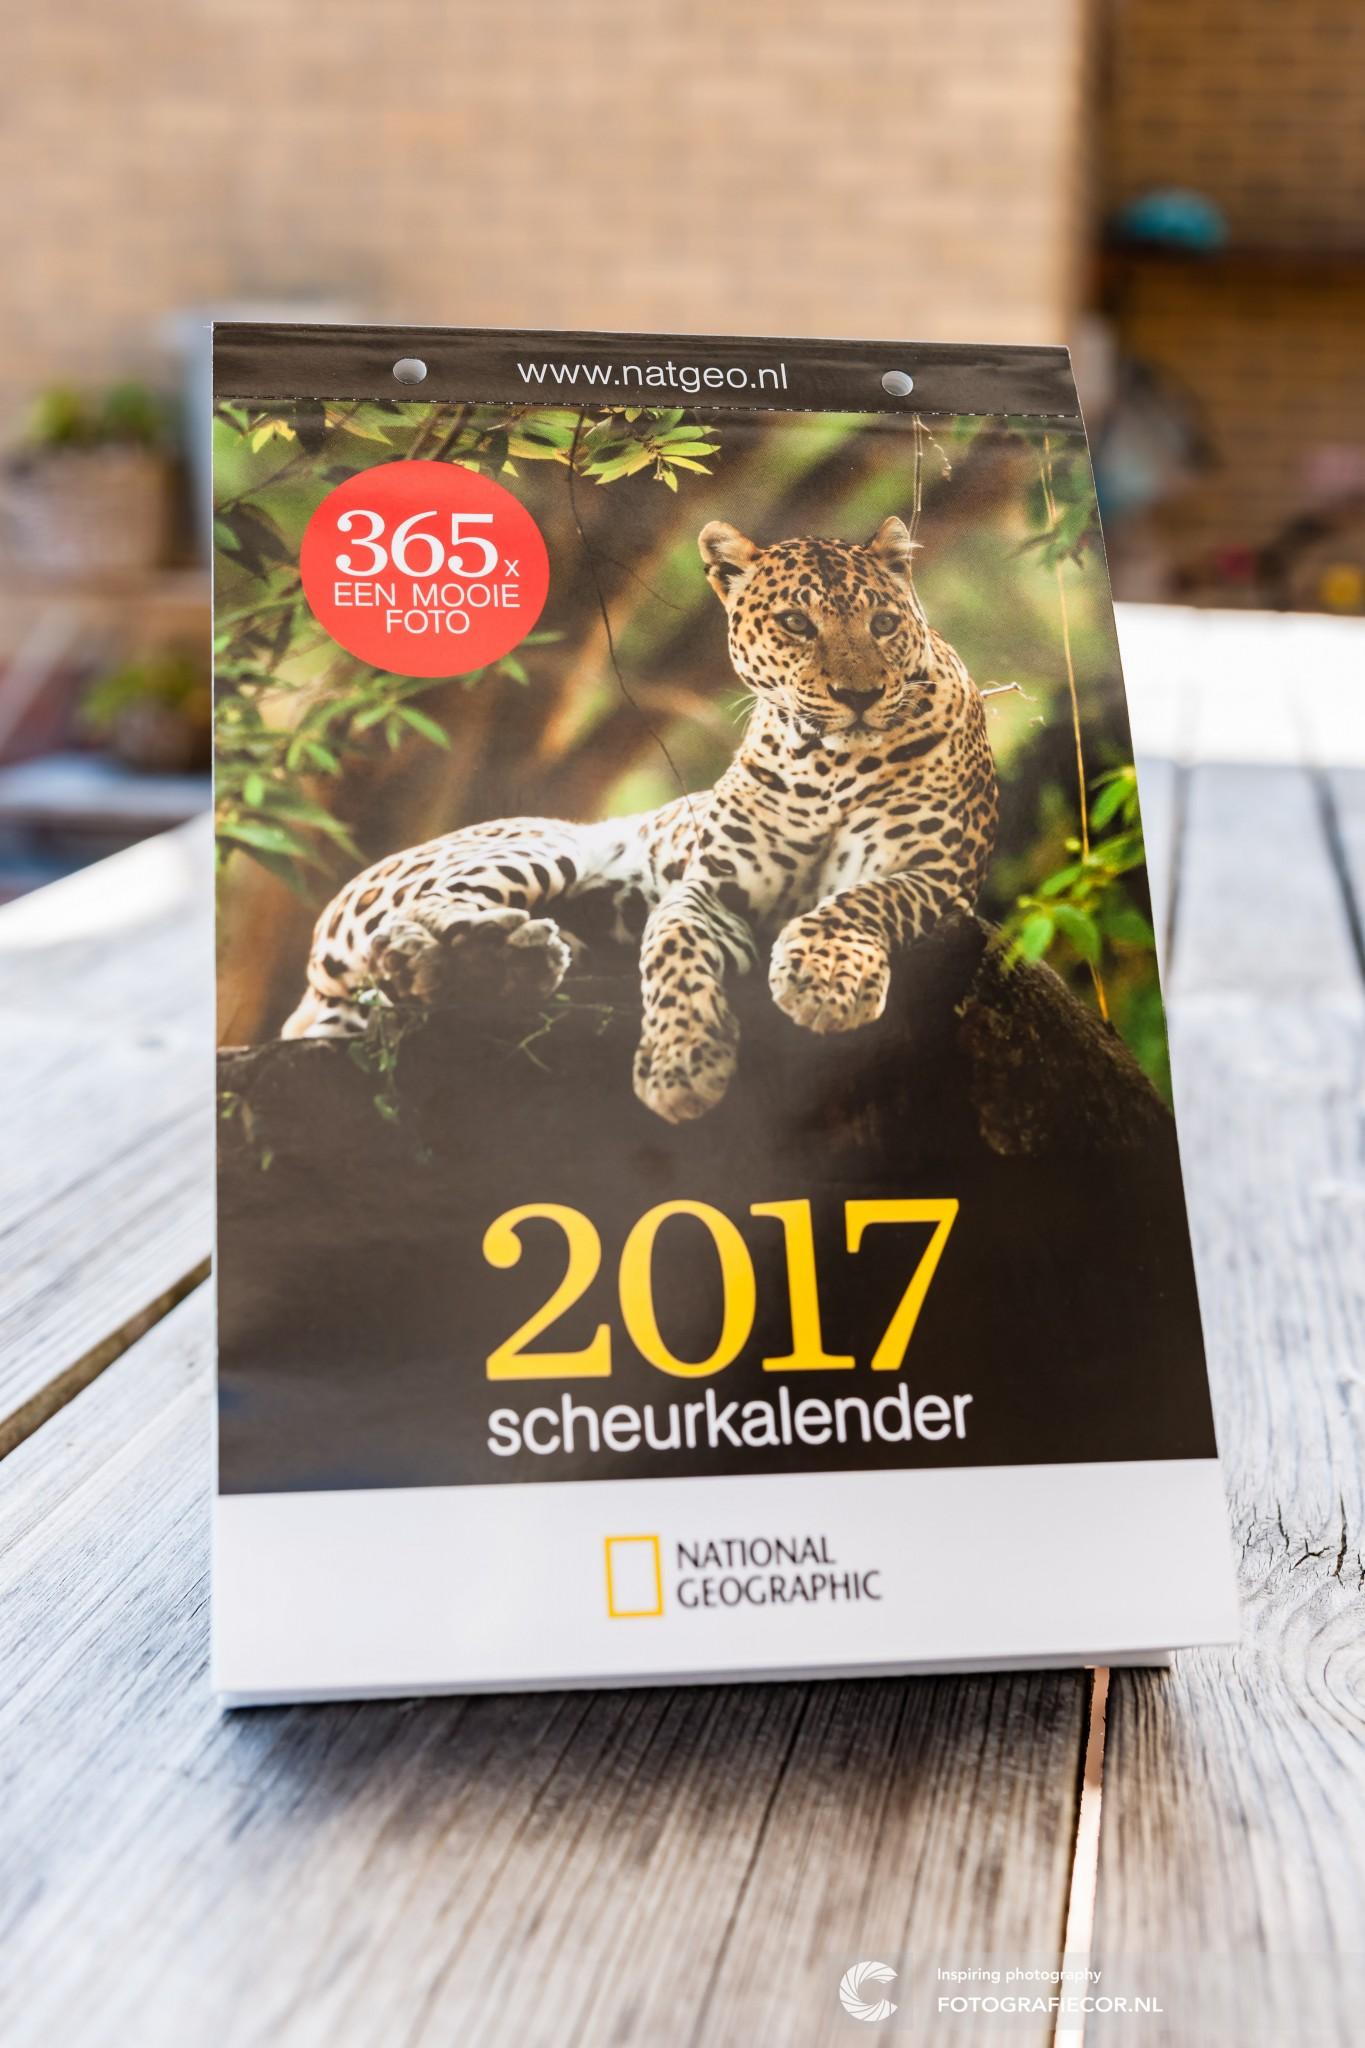 voorzijde en cover kalender met daarin de gepubliceerde foto